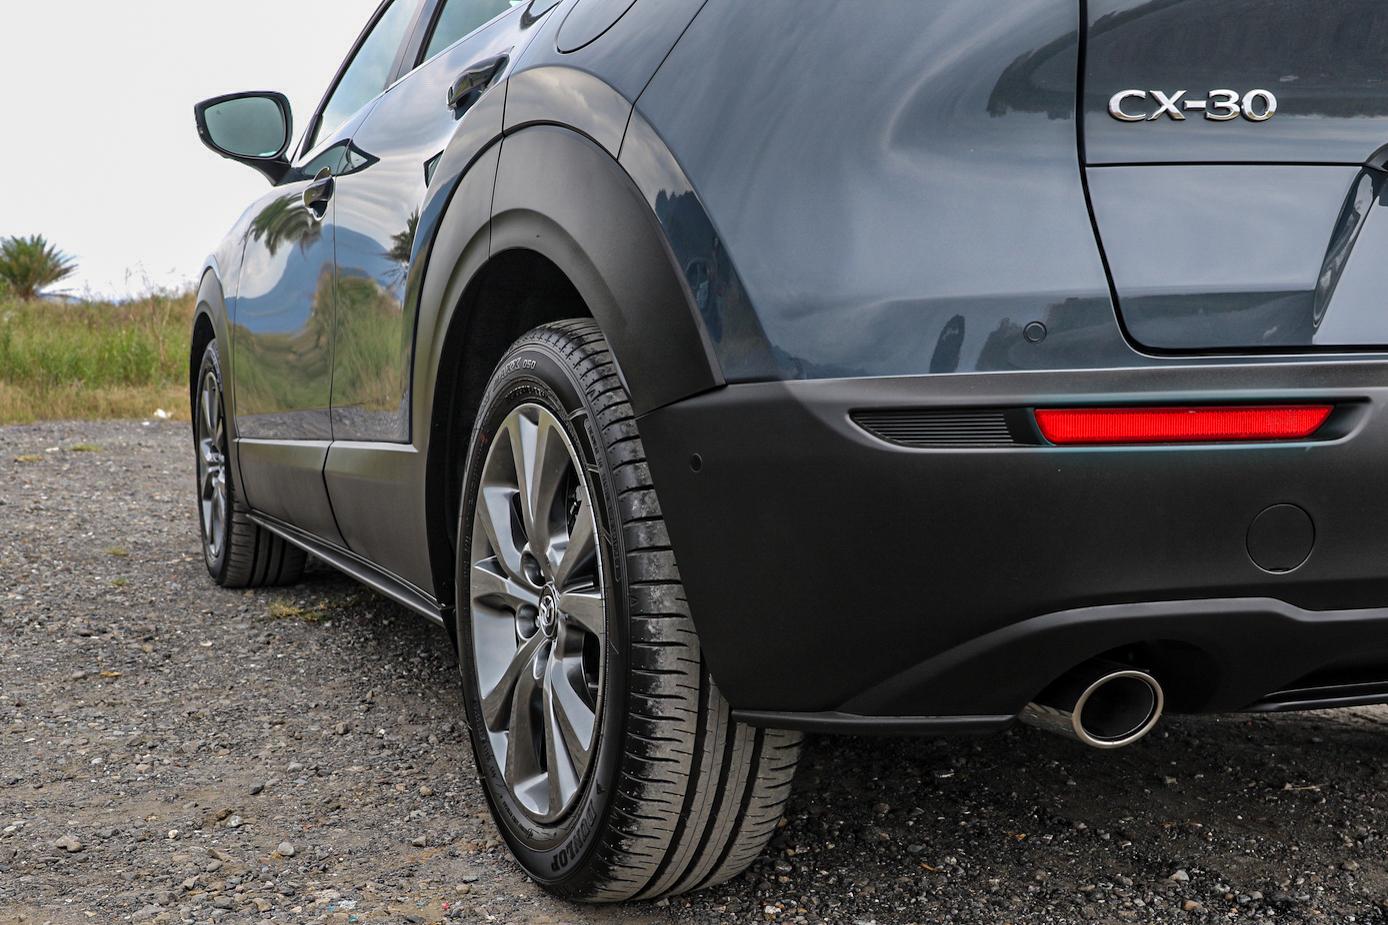 尊榮型採用 16 吋輪圈,頂級型以上則是圖中的 18 吋。